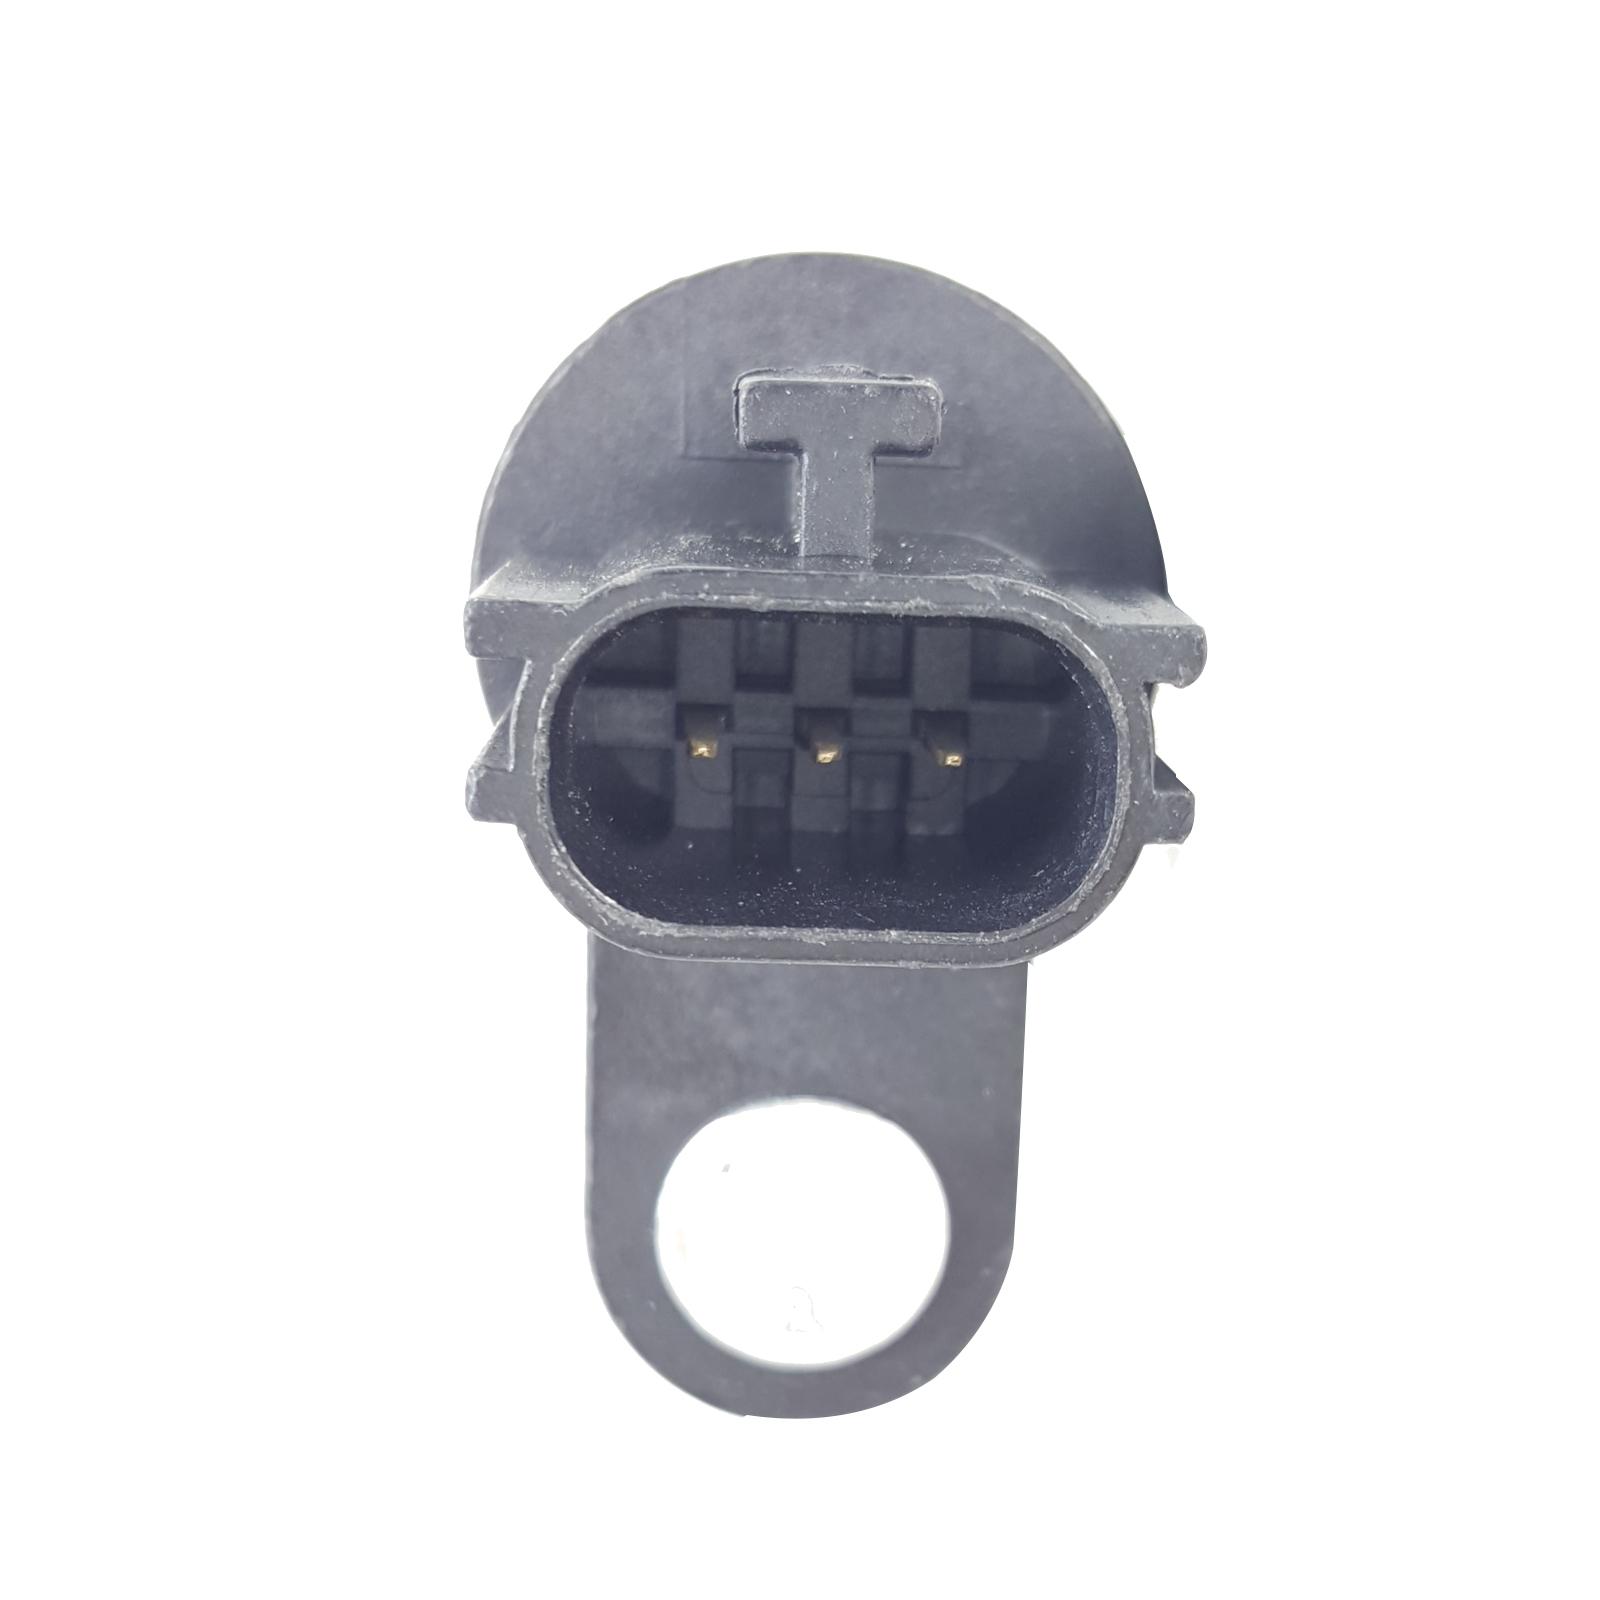 Qr25de Crankshaft Position Sensor: CRANK ANGLE SENSOR Suit NISSAN X-TRAIL T30 2.5L XTRAIL